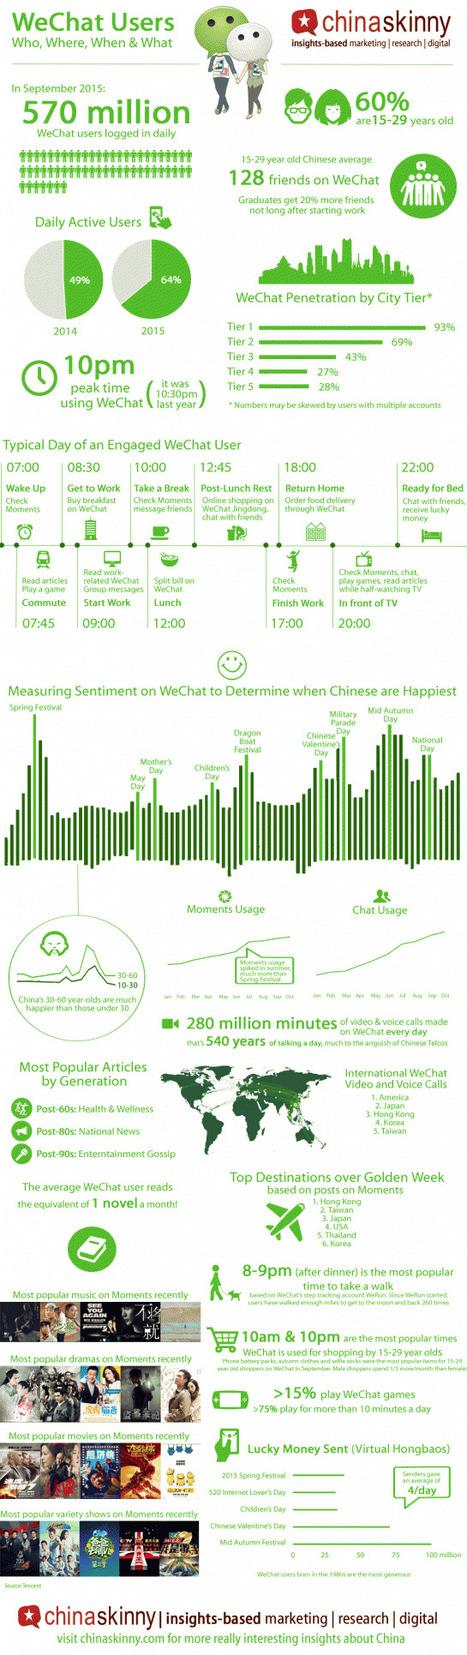 Le profil des utilisateurs de WeChat | Statistiques 2015 – 2016 | L'E-Réputation | Scoop.it